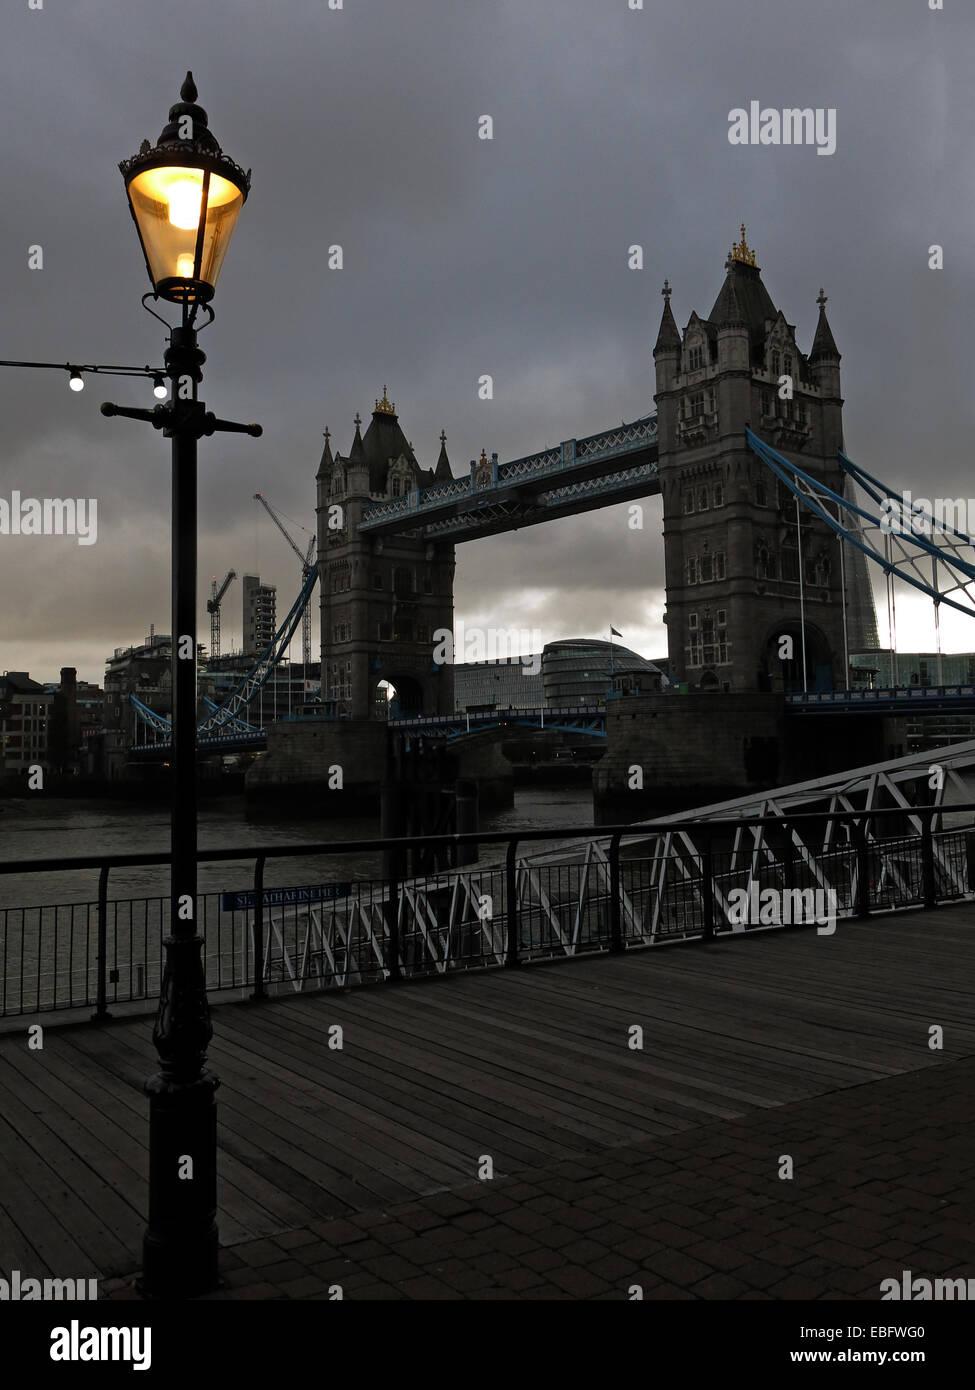 Laden Sie dieses Alamy Stockfoto Tower Bridge, die Themse, London bei Dämmerung, England, UK - EBFWG0